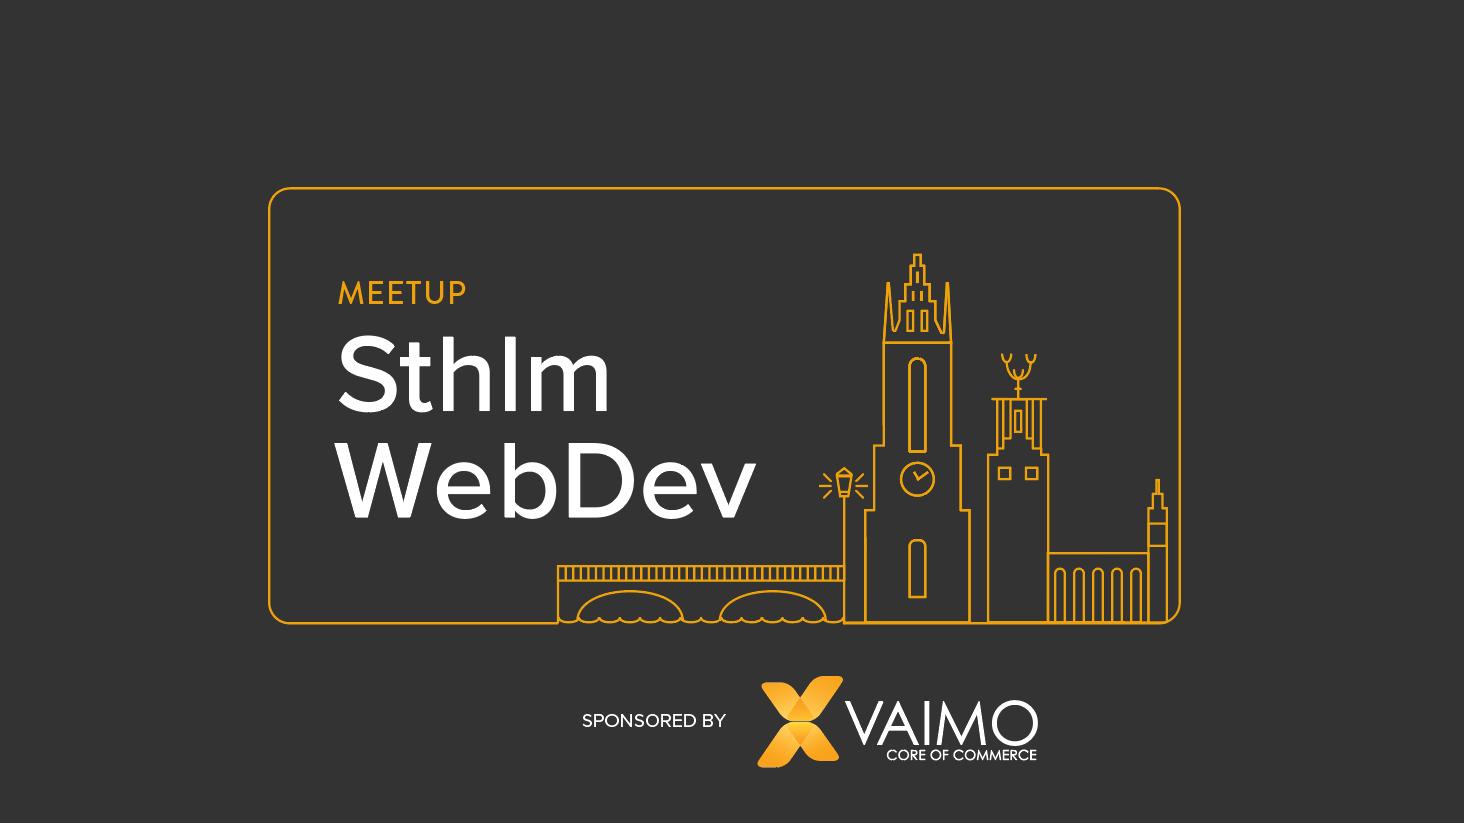 Sthlm Web Dev Meetup